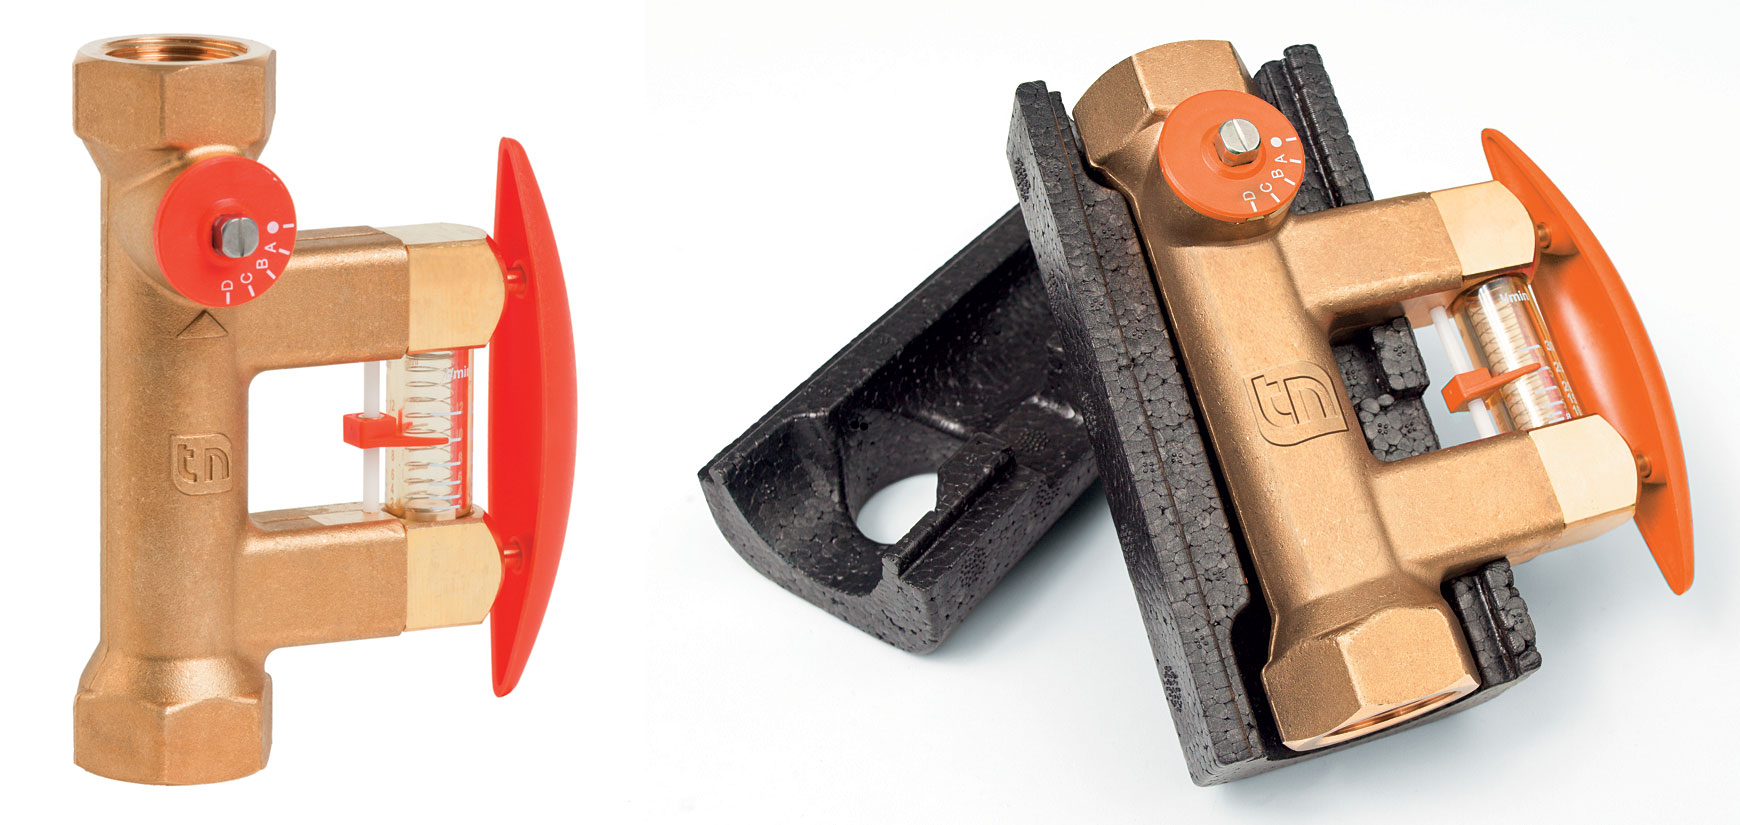 Zawór równoważący TacoSetter Bypass Solar 130. Po prawej z dołączoną skrzynką izolacyjną.